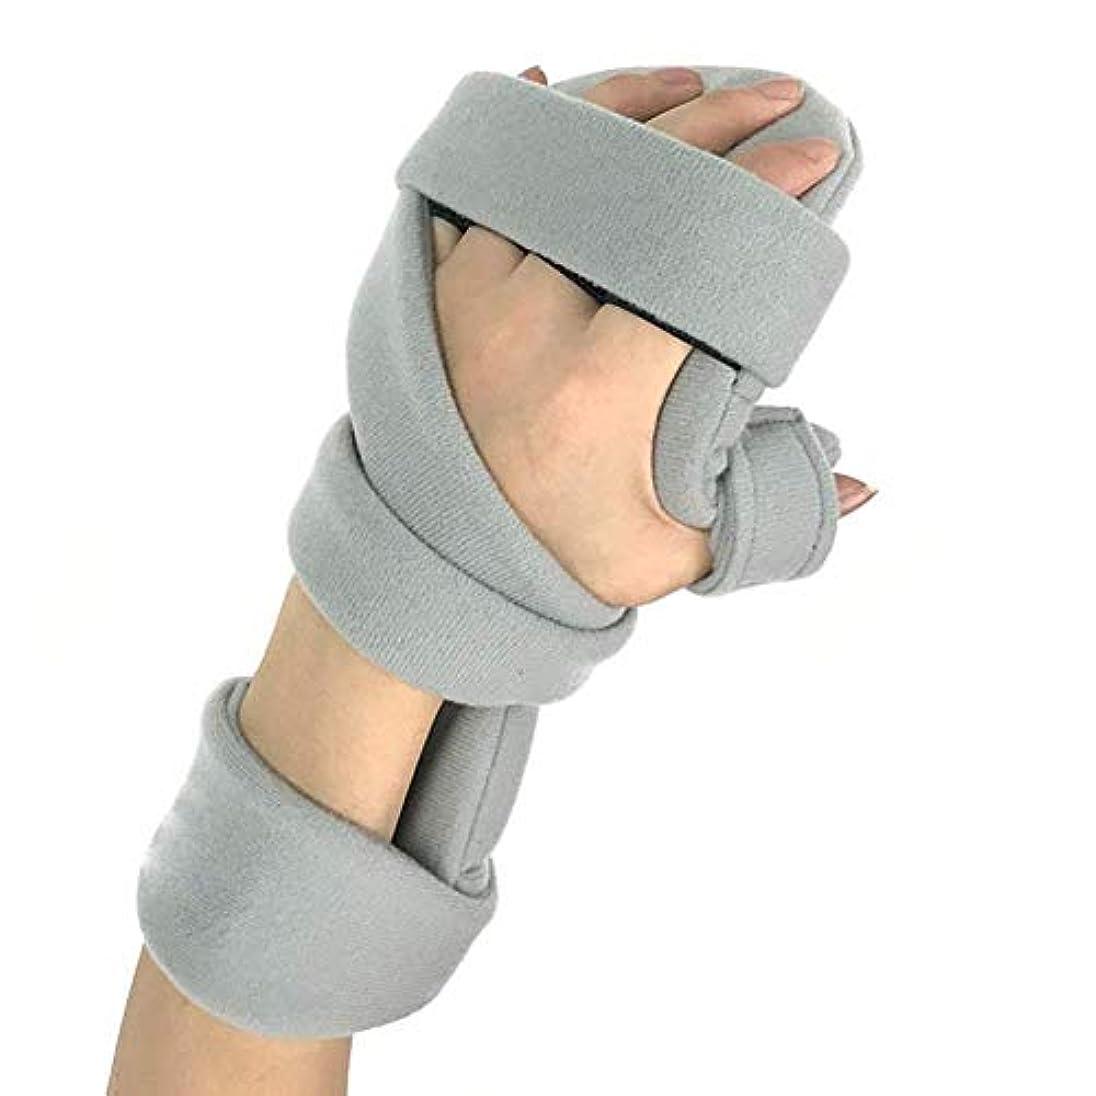 肝レタスエアコン手の添え木、リハビリテーションの指板調節可能な手のサポート手首の手首の骨折の固定保護装置の添え木の整形外科の訂正の支柱 (Color : Right)